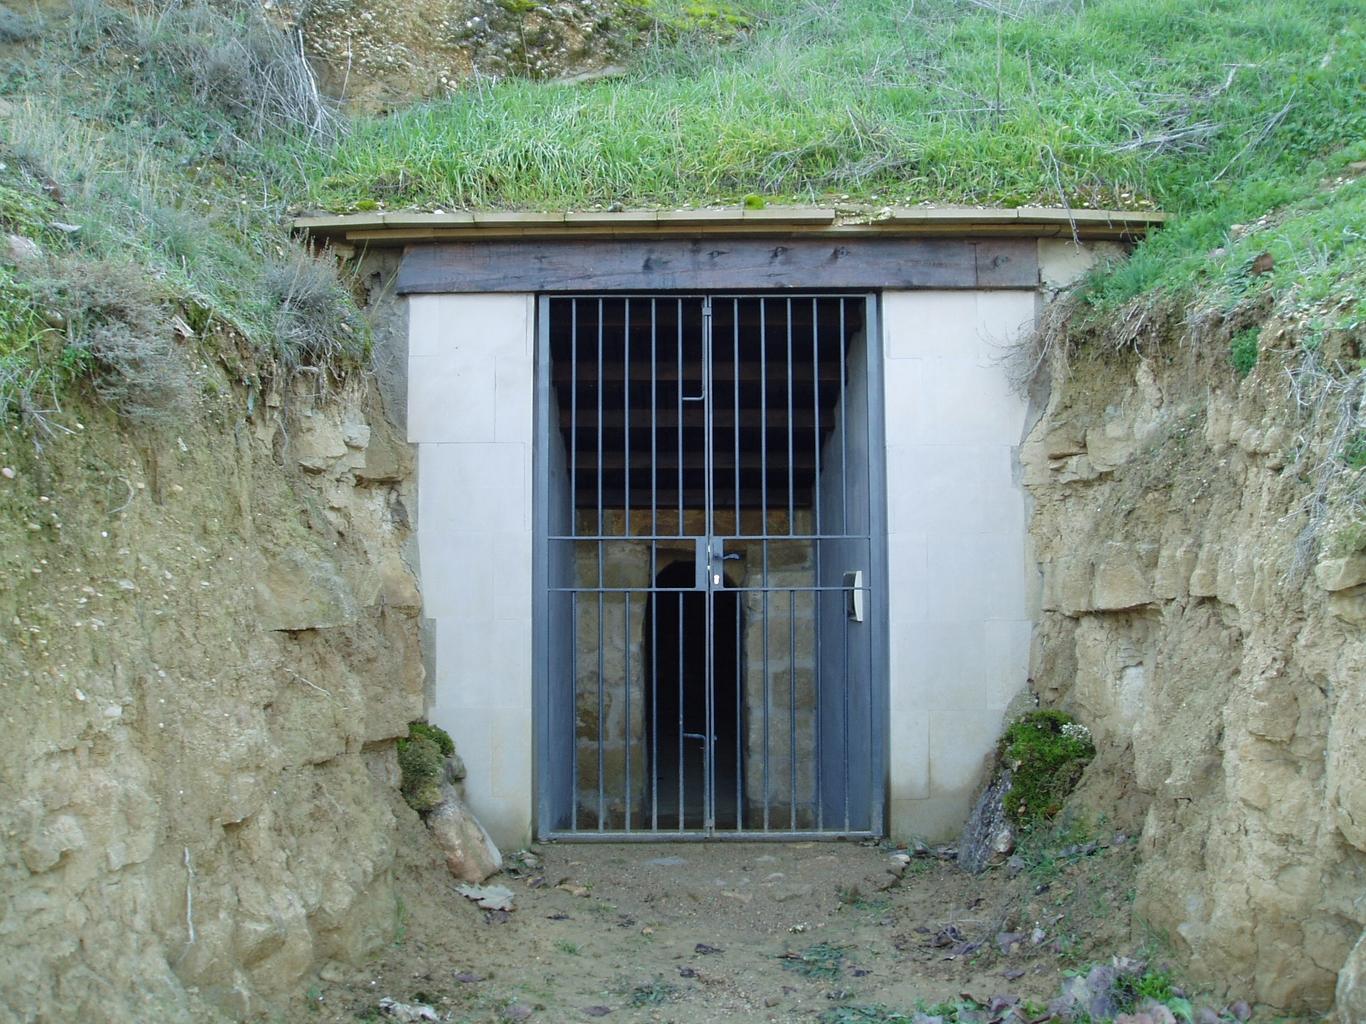 Puerta moderna de acceso al interior del pozo